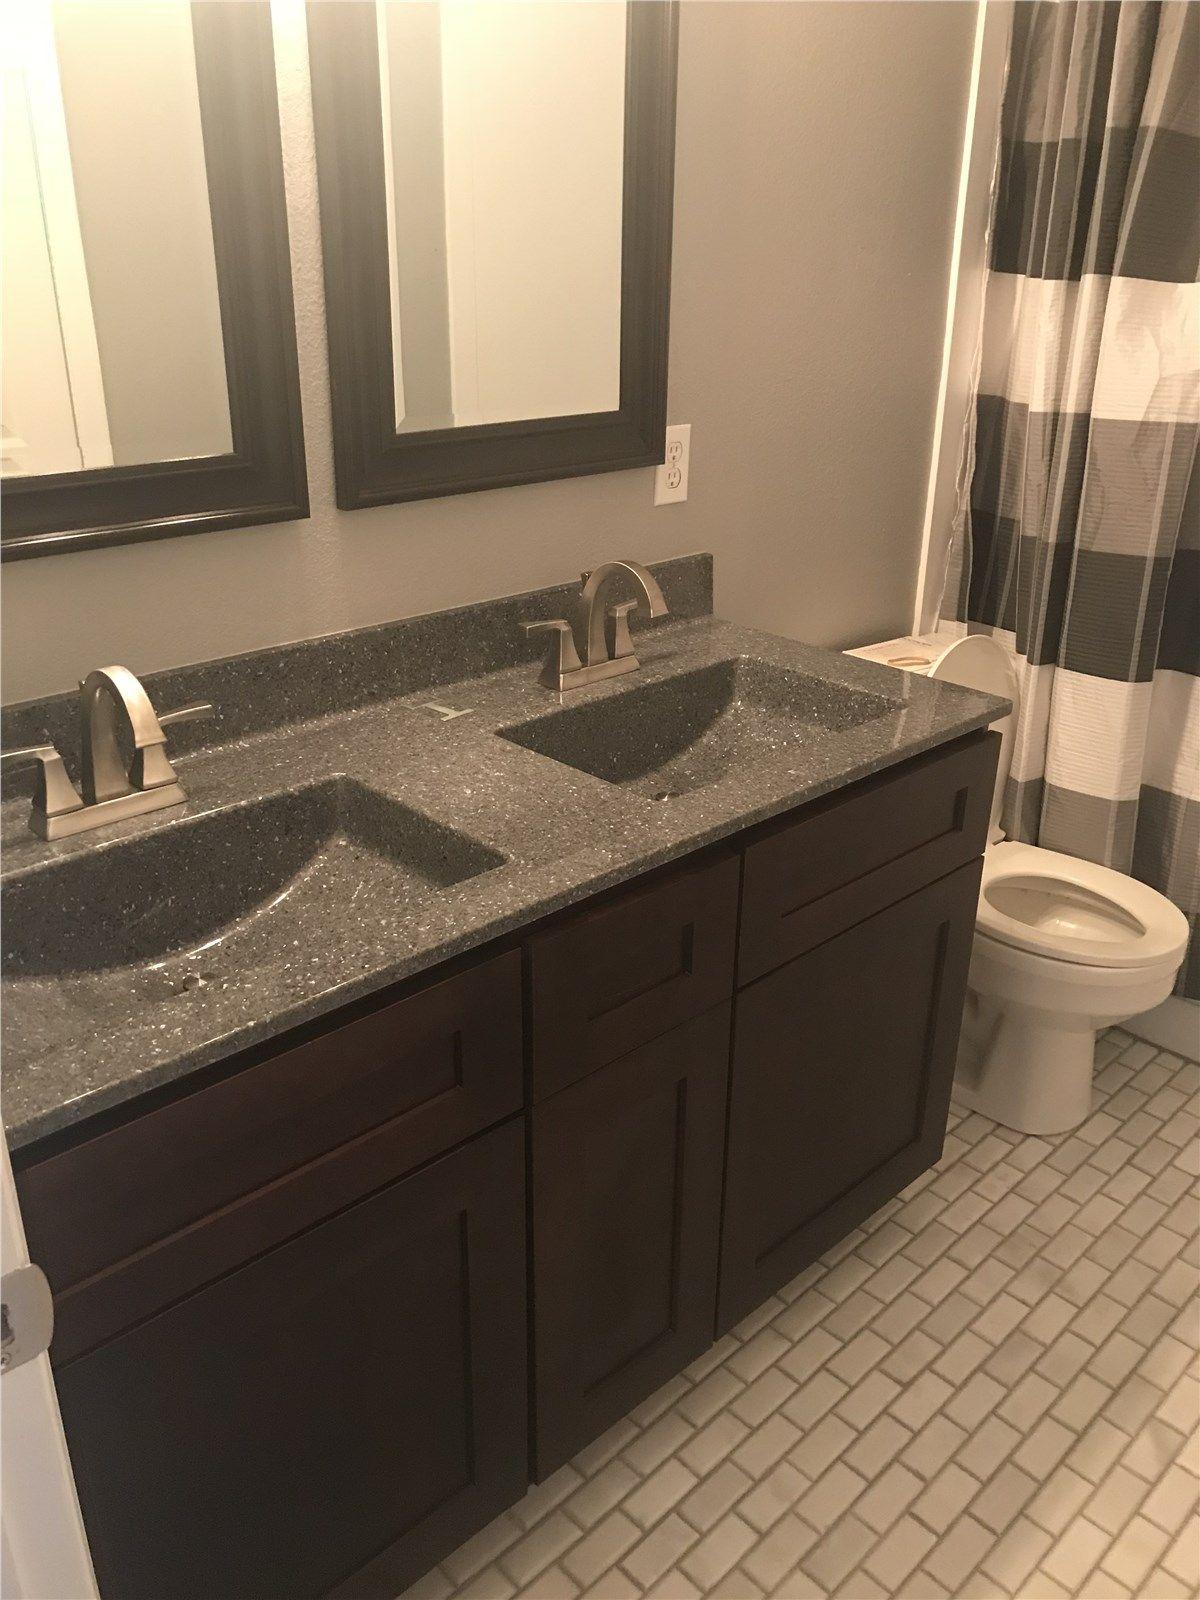 Bathroom Remodel Cost, Bathroom Remodel Colorado Springs Cost